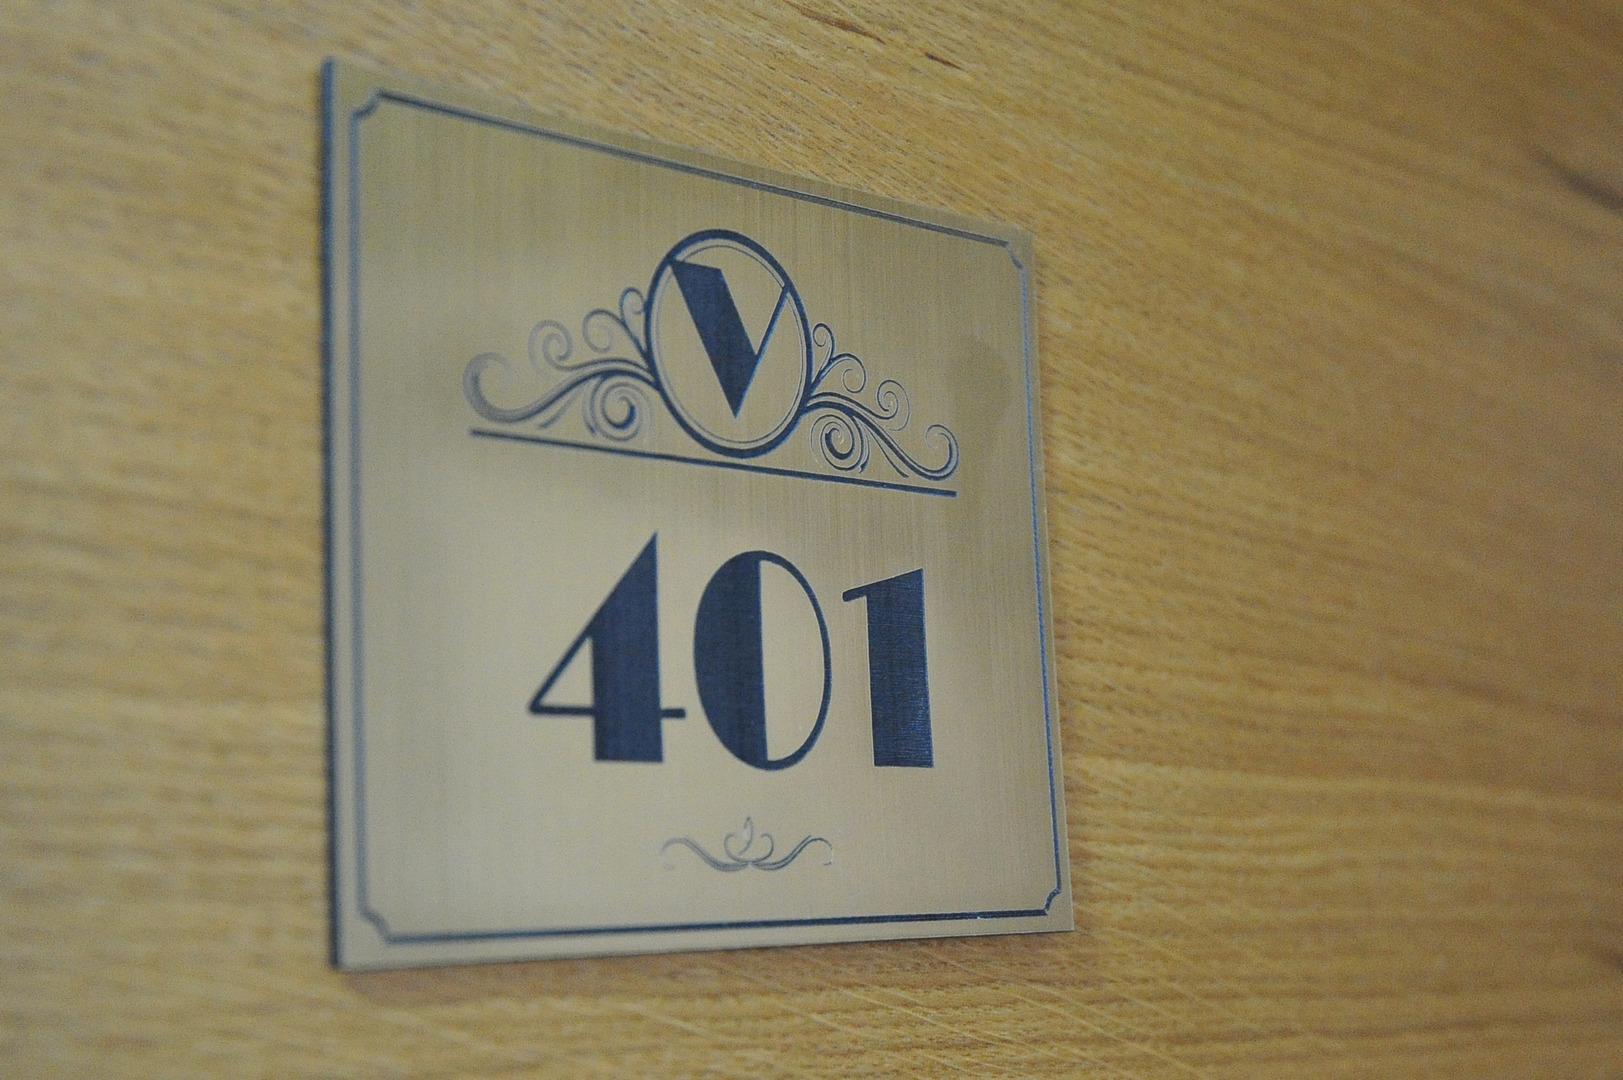 dobricin-konak-apartman-401-01